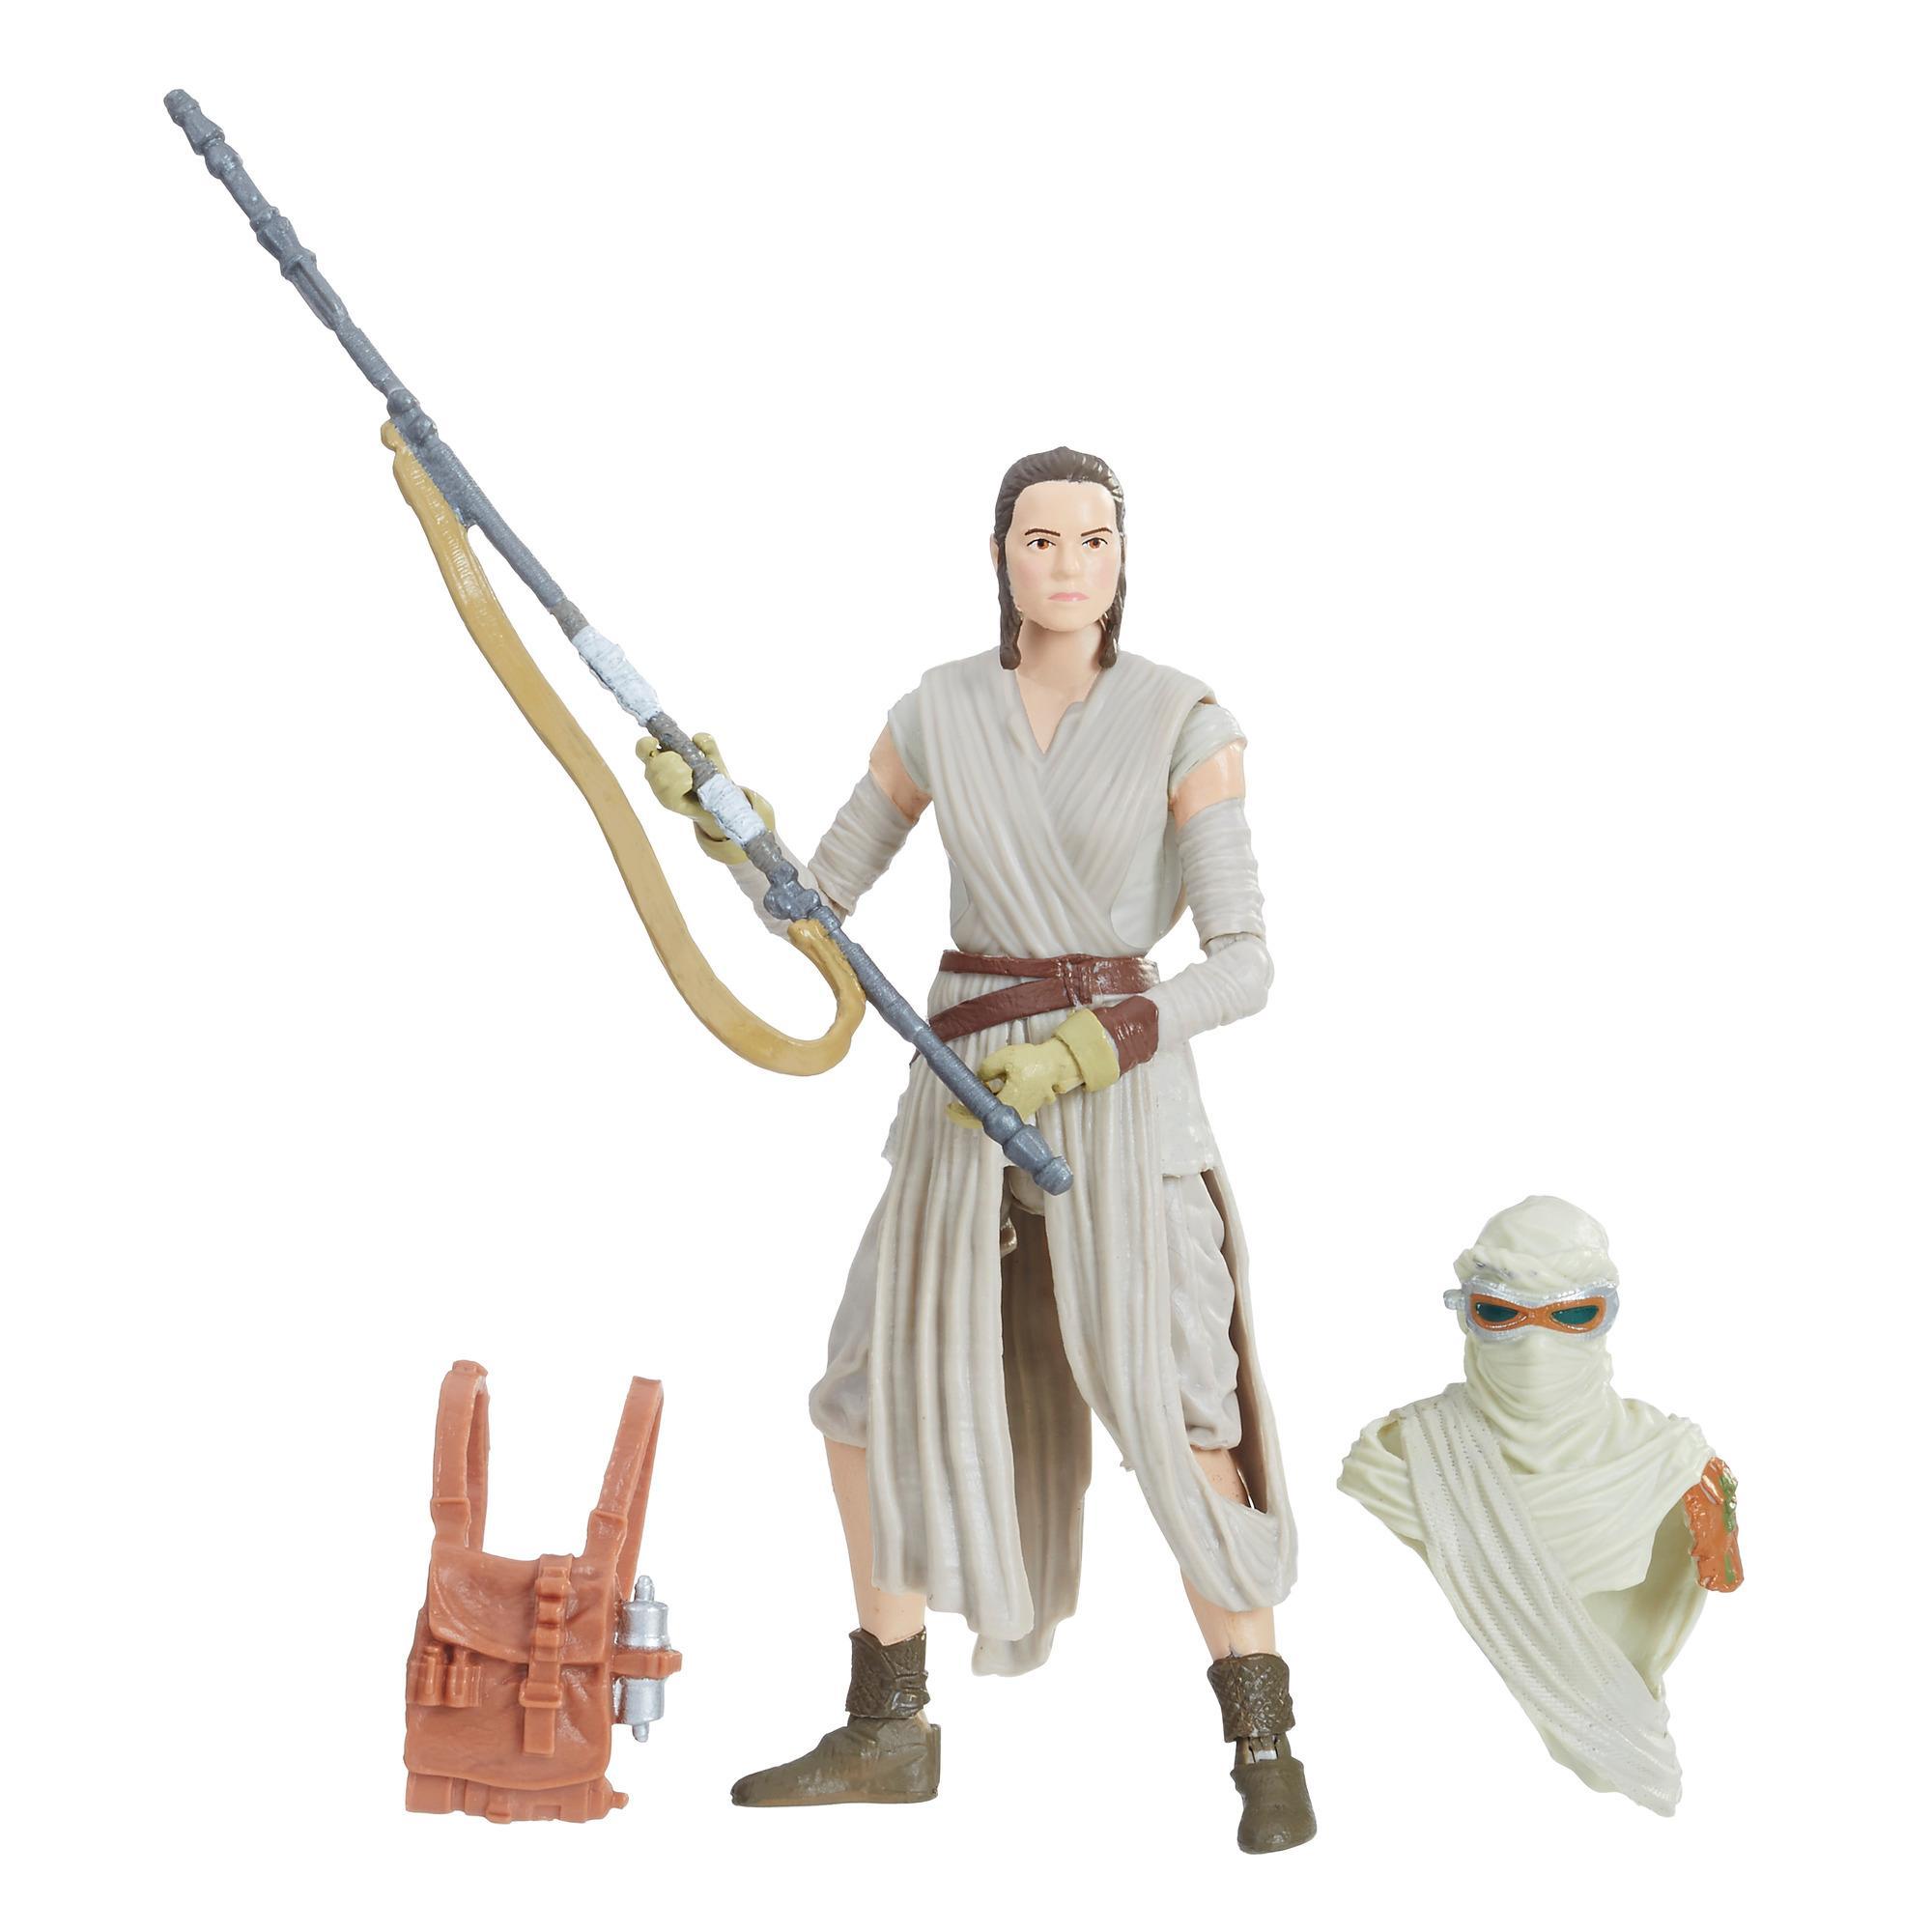 Star Wars La colección Vintage - Figura de Rey (Jakku) de 9,5 cm